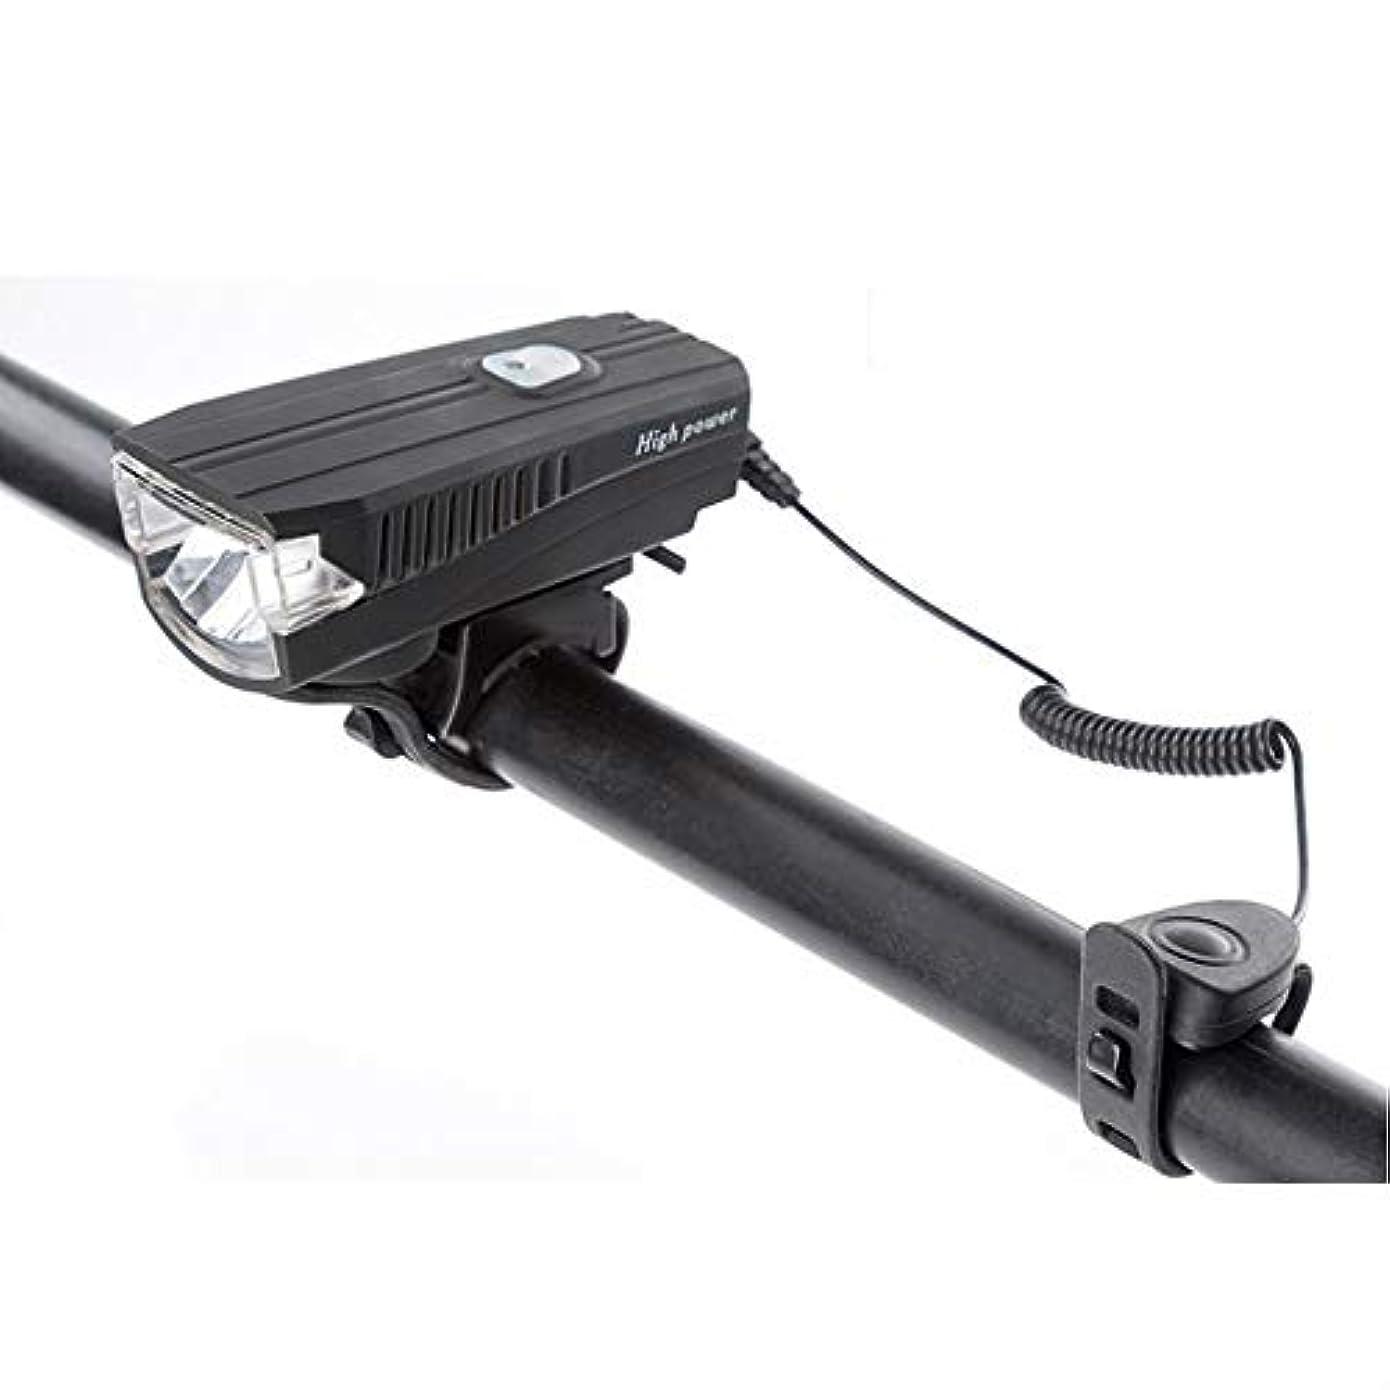 人生を作るセール話充電式自転車ライト USB充電式自転車ライトセット、350ルーメンパーフェクトコミューターセーフティフロント - ハイデシベルホーン - マウンテン、ロード、キッズ、シティバイクに対応